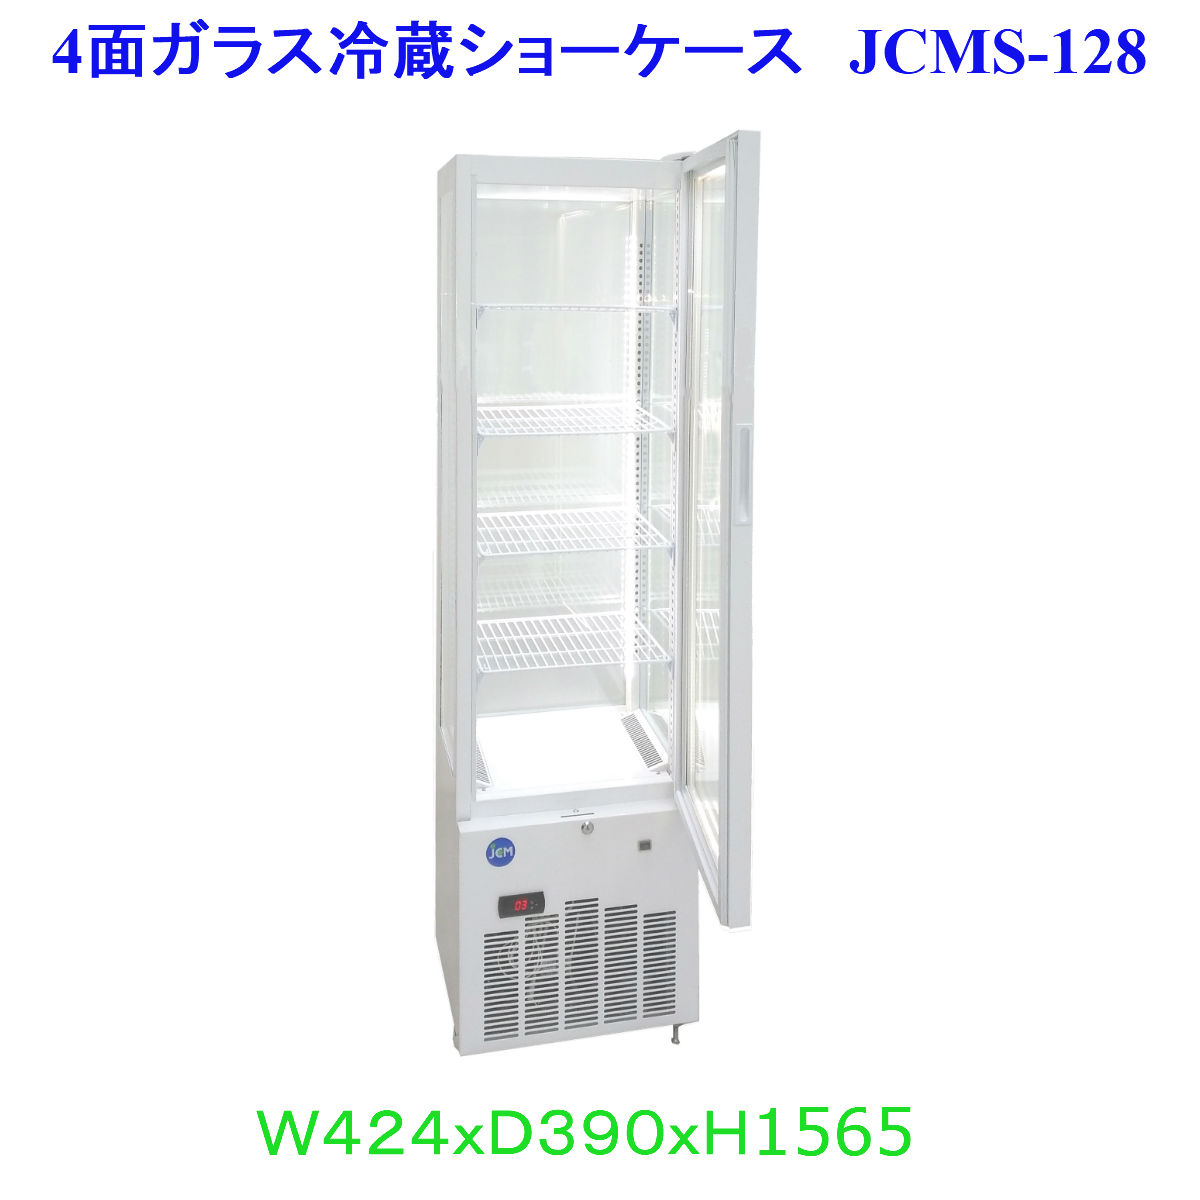 【送料無料】【新商品・未使用】128L (片面扉) 業務用 4面ガラス 冷蔵ショーケース 冷蔵庫 大容量タイプ カギ2個付